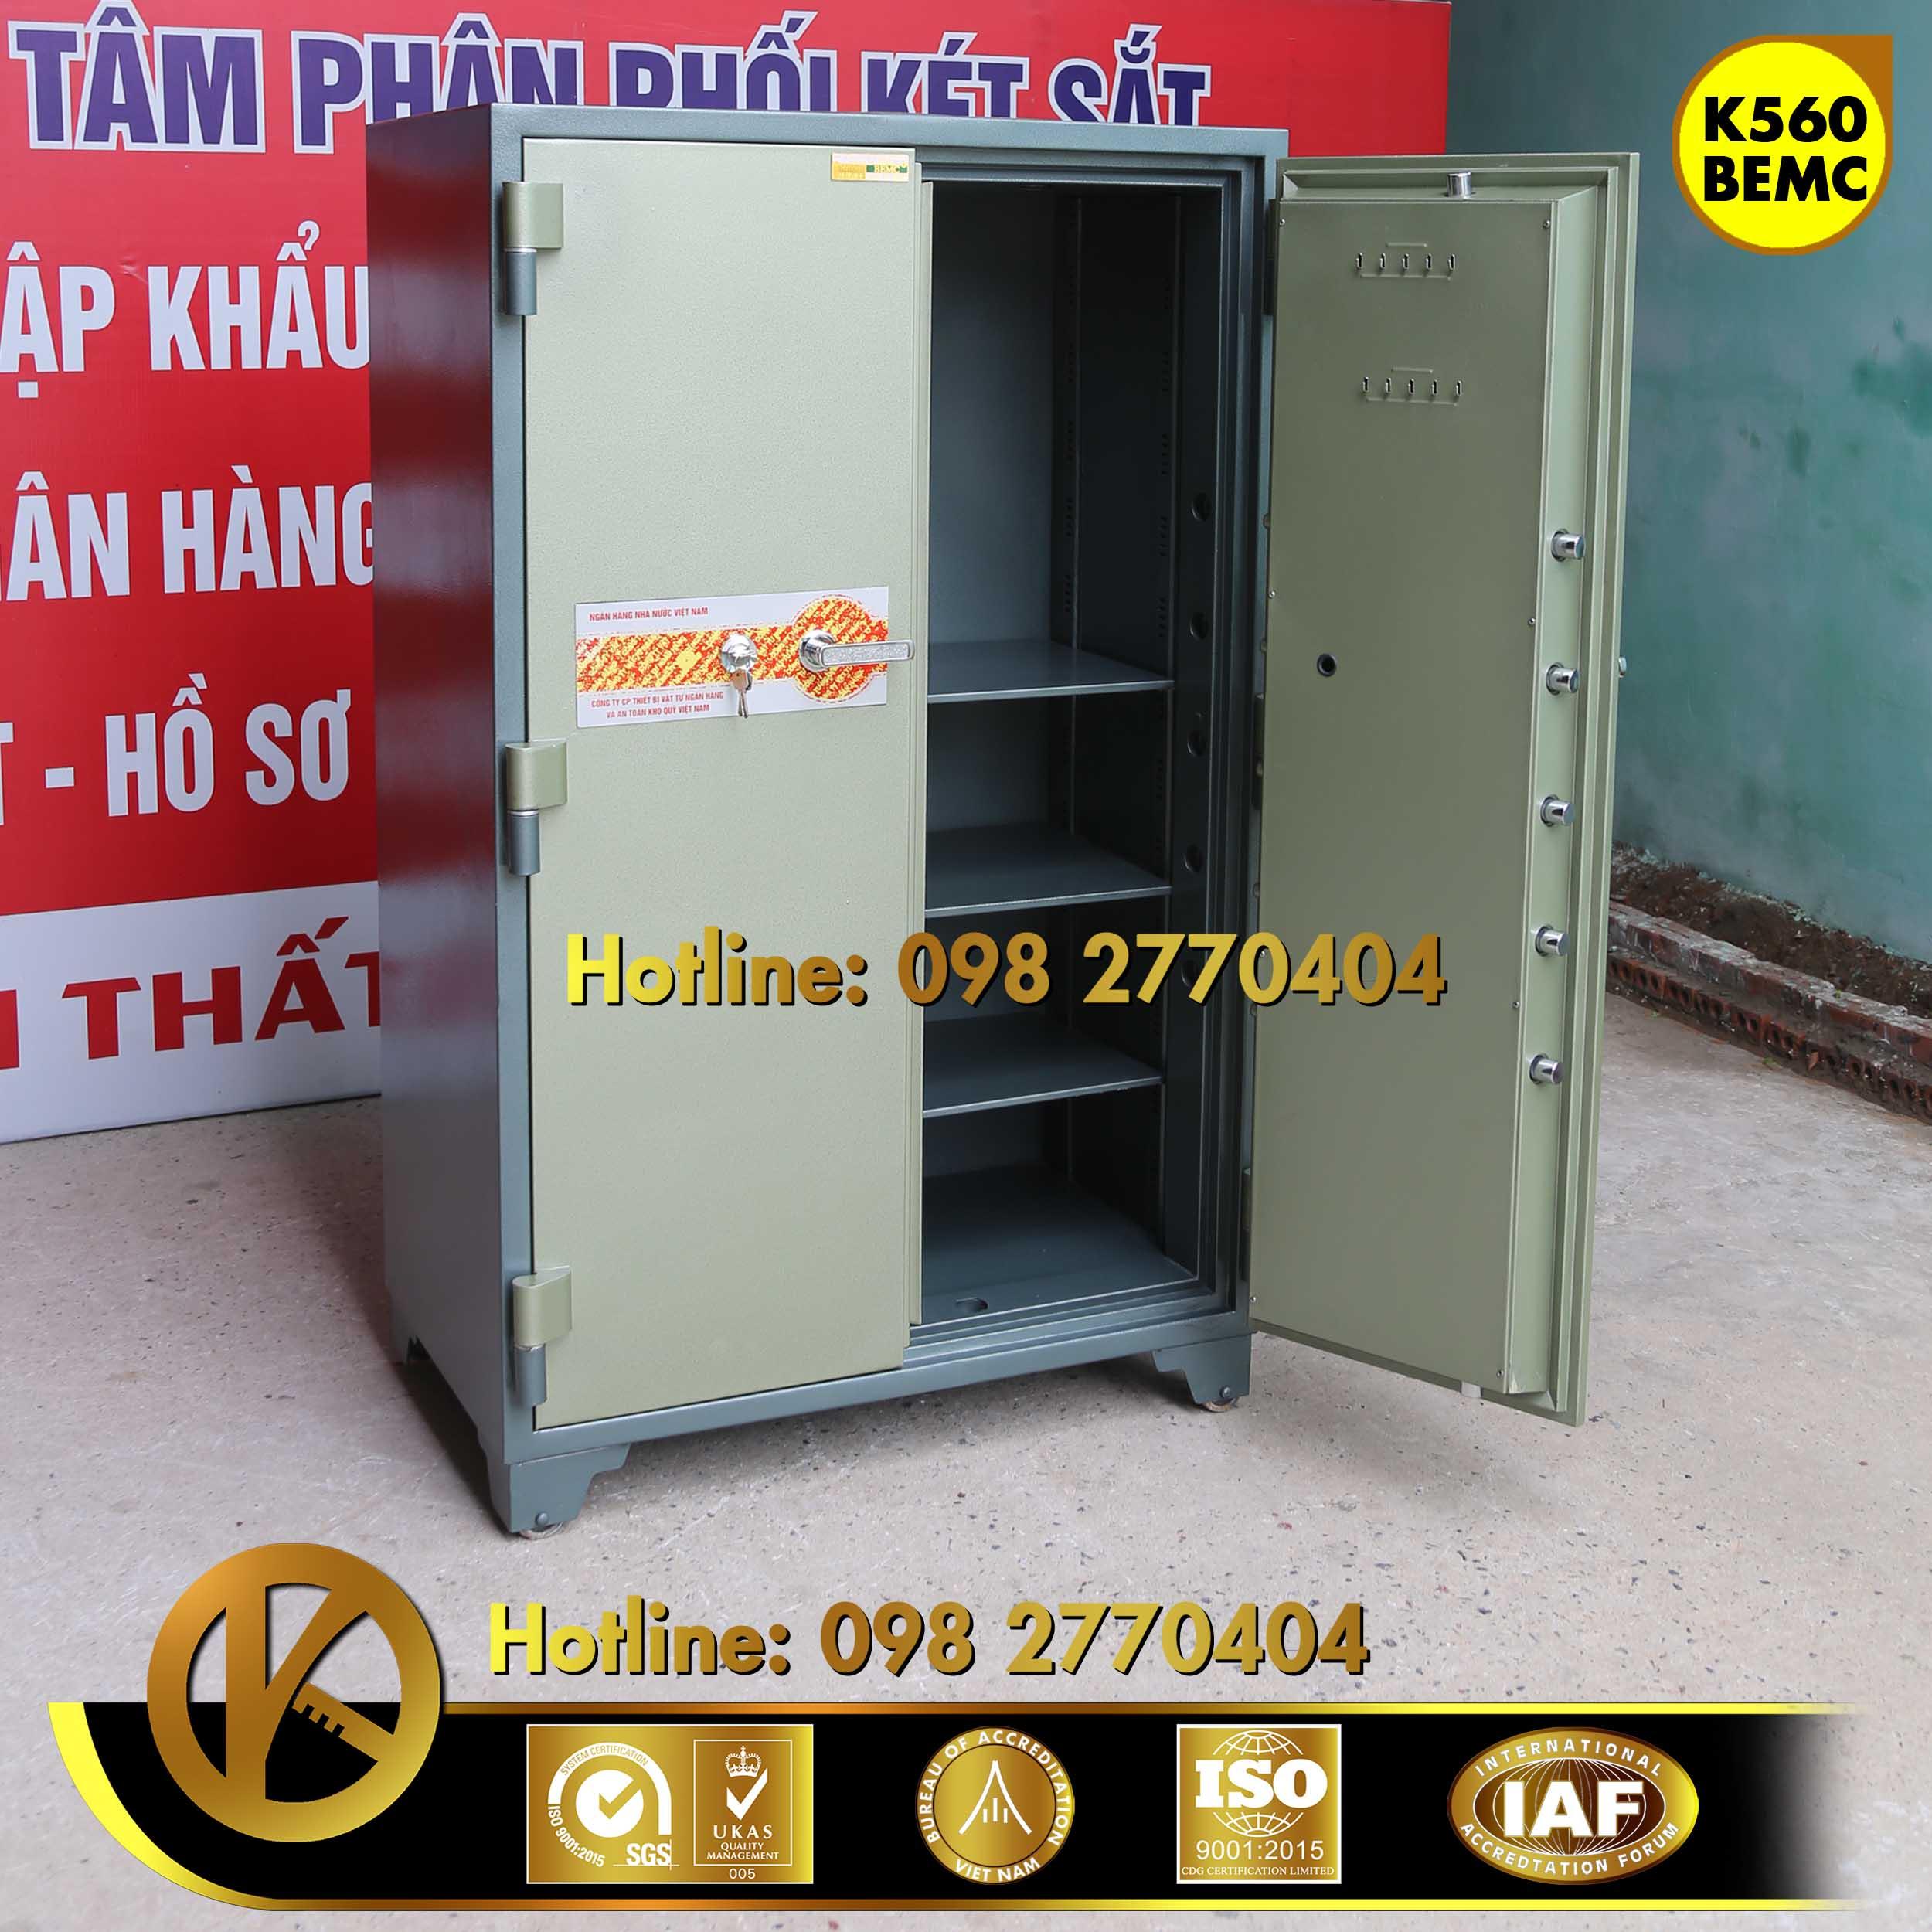 hình ảnh sản phẩm Két Sắt Ngân Hàng BEMC K560 Khoá Điện Tử